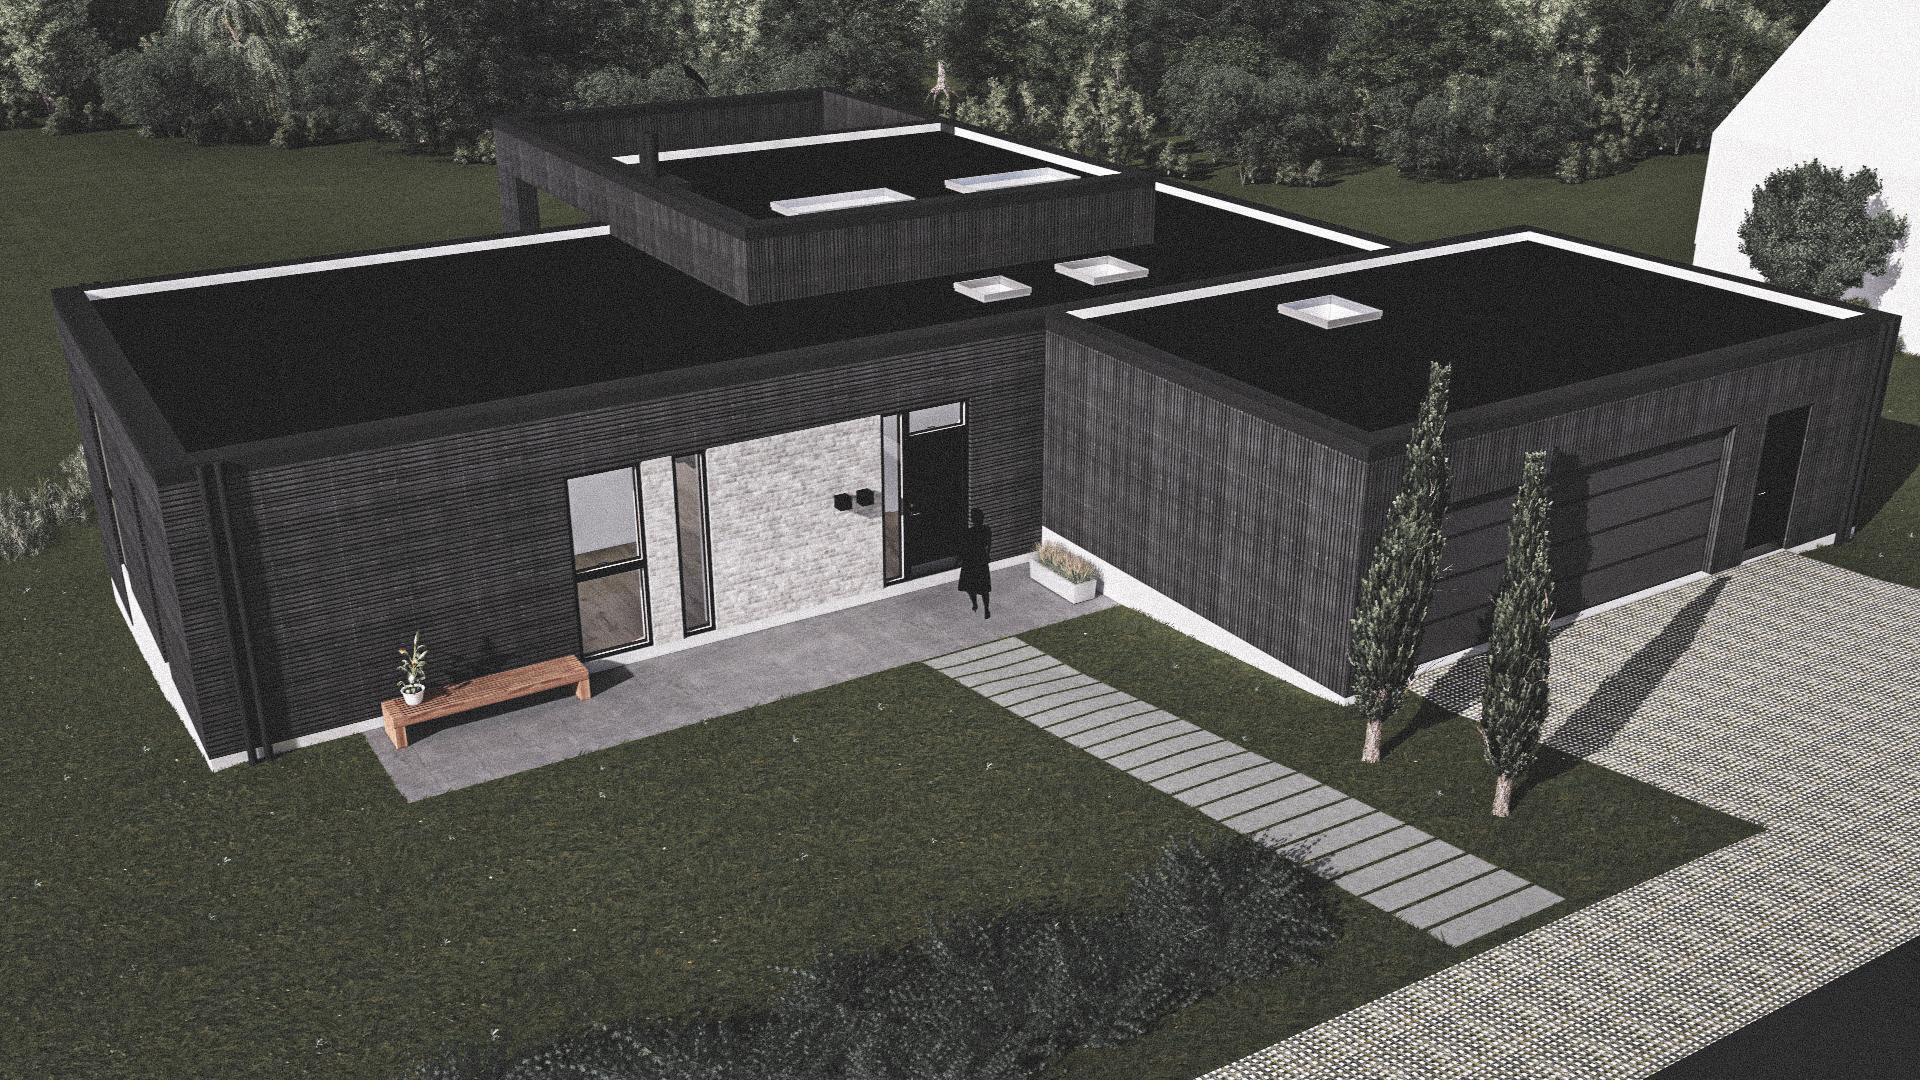 Billede af Dansk arkitekttegnet 1 plan villa af arkitektfirmaet m2plus, i Langhus på 178 kvartratmeter.